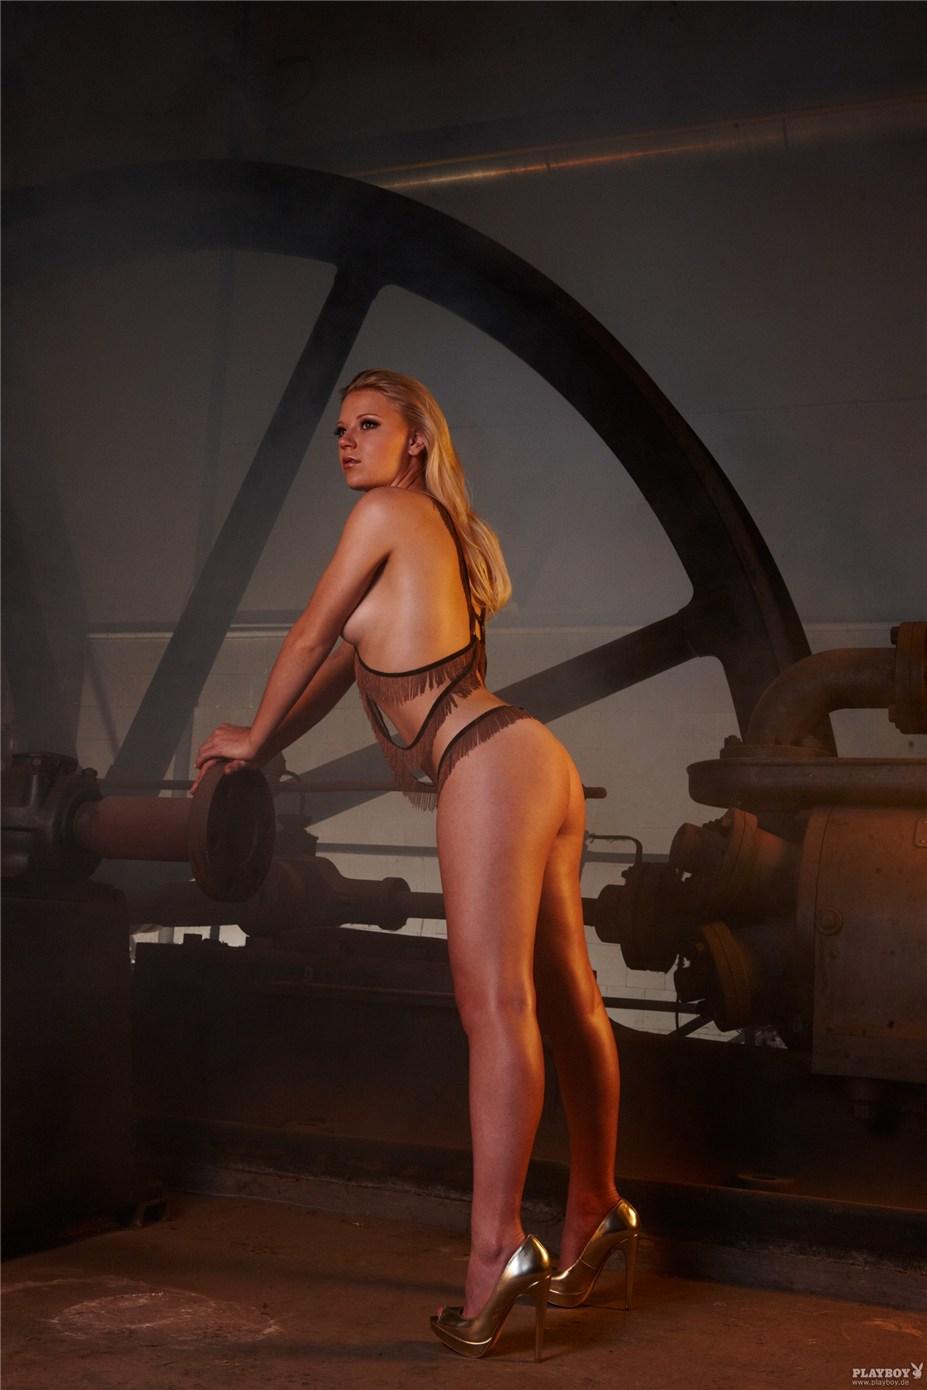 Немецкая биатлонистка Мириам Гёсснер / Miriam Gossner - Playboy Germany march 2014